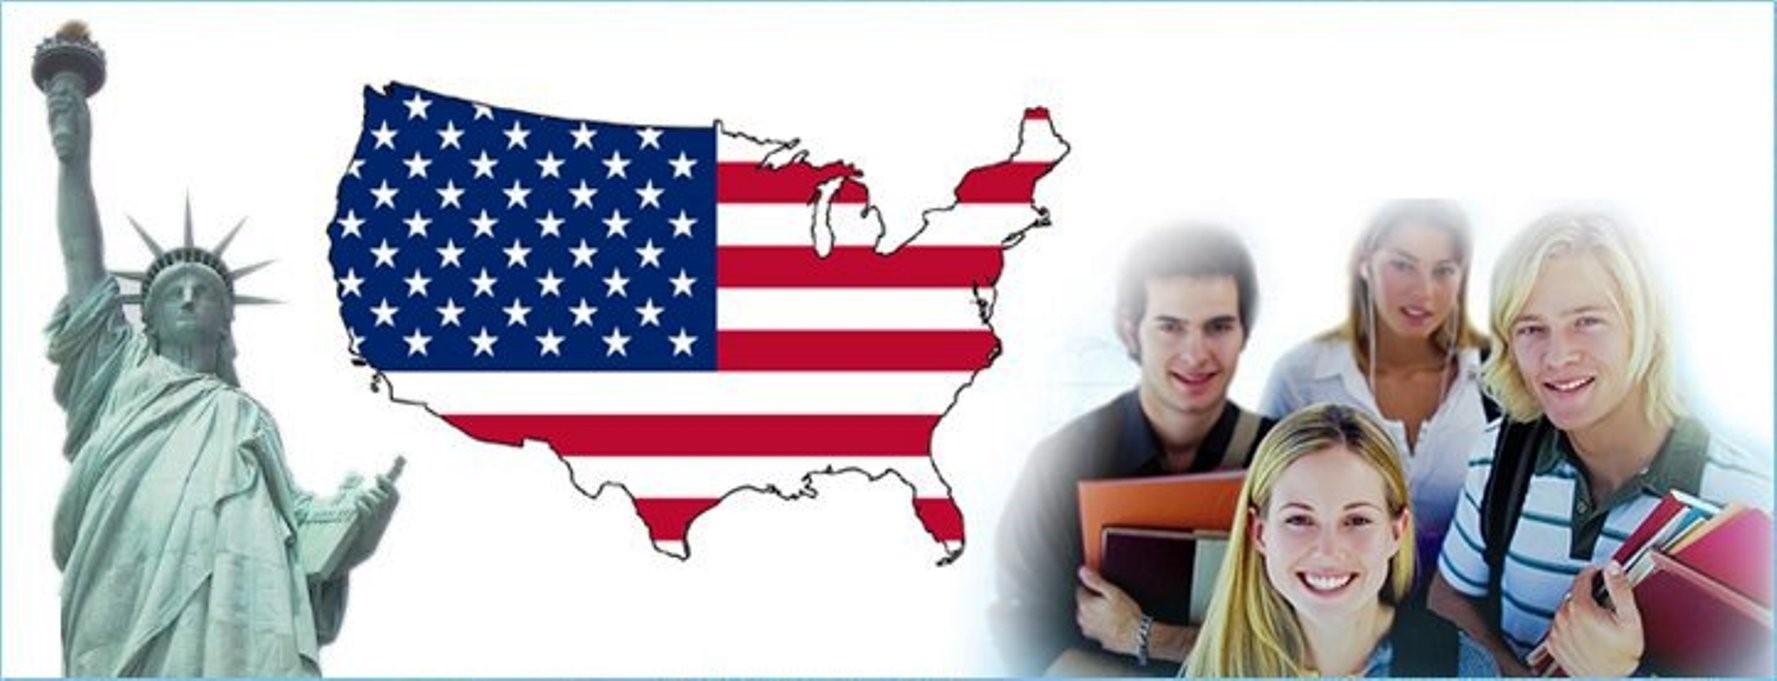 Du Học Mỹ - Du Học Văn Hóa